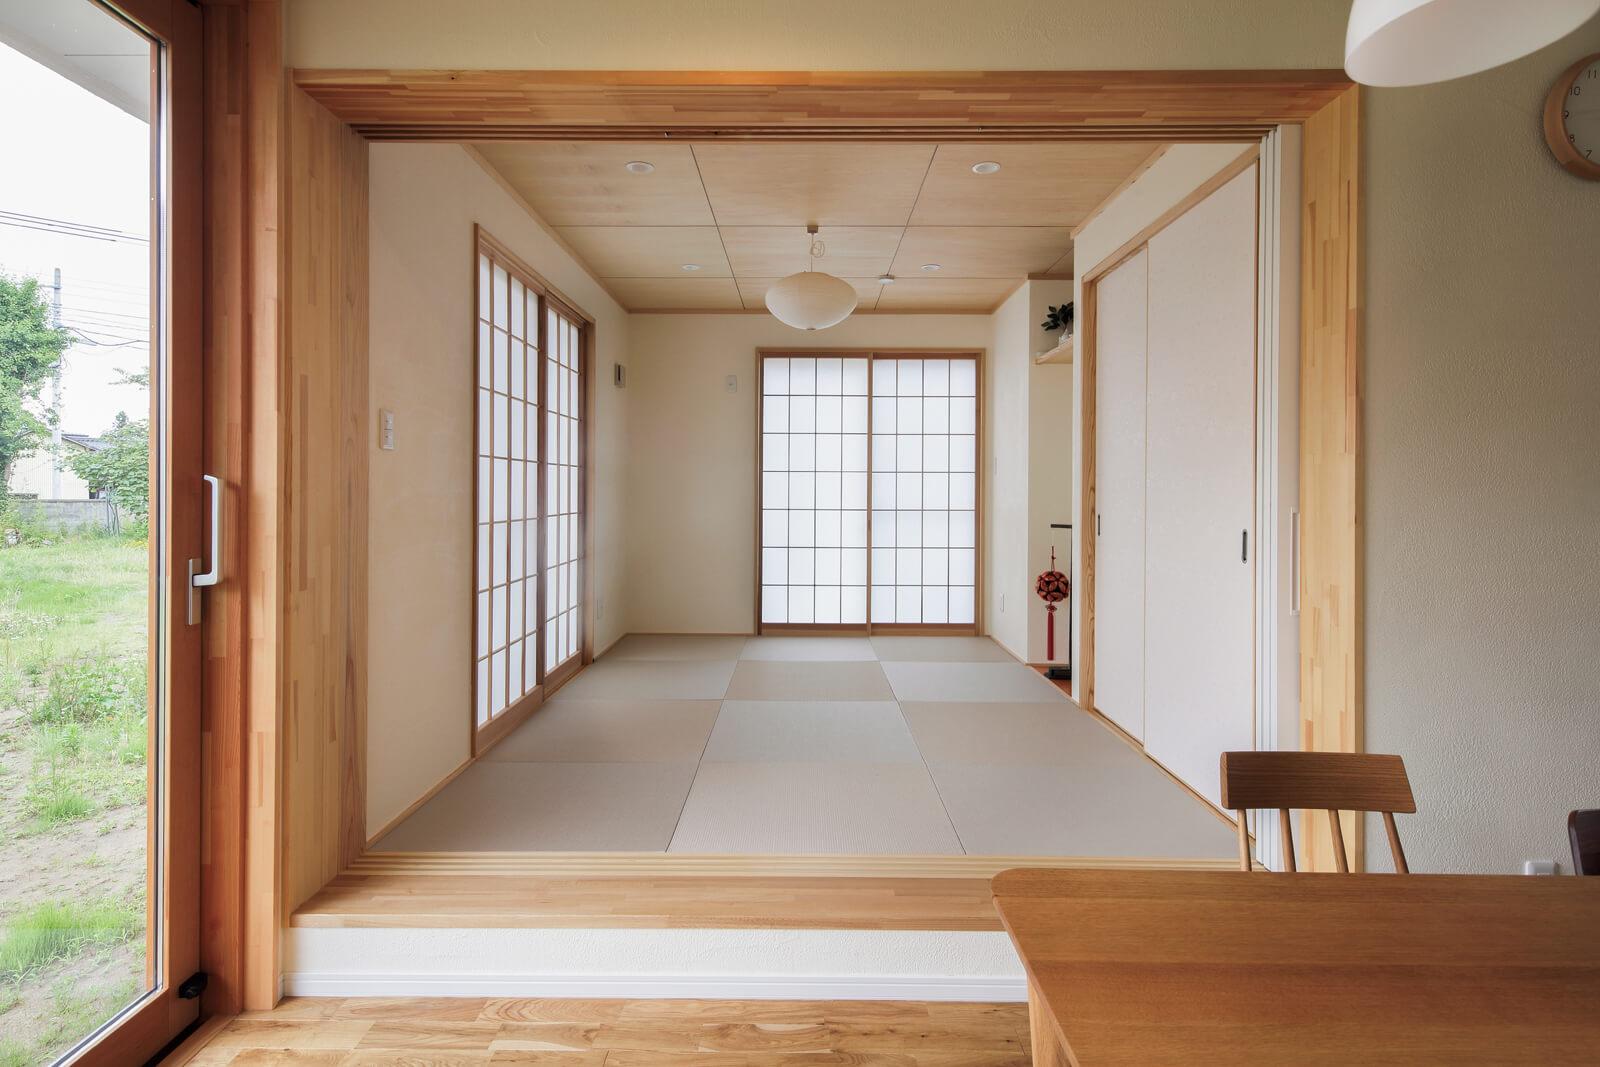 健住会みやぎに加盟している工務店の住宅実例。どの住まいも自然素材をふんだんに使用した木のぬくもりあふれる健康住宅である